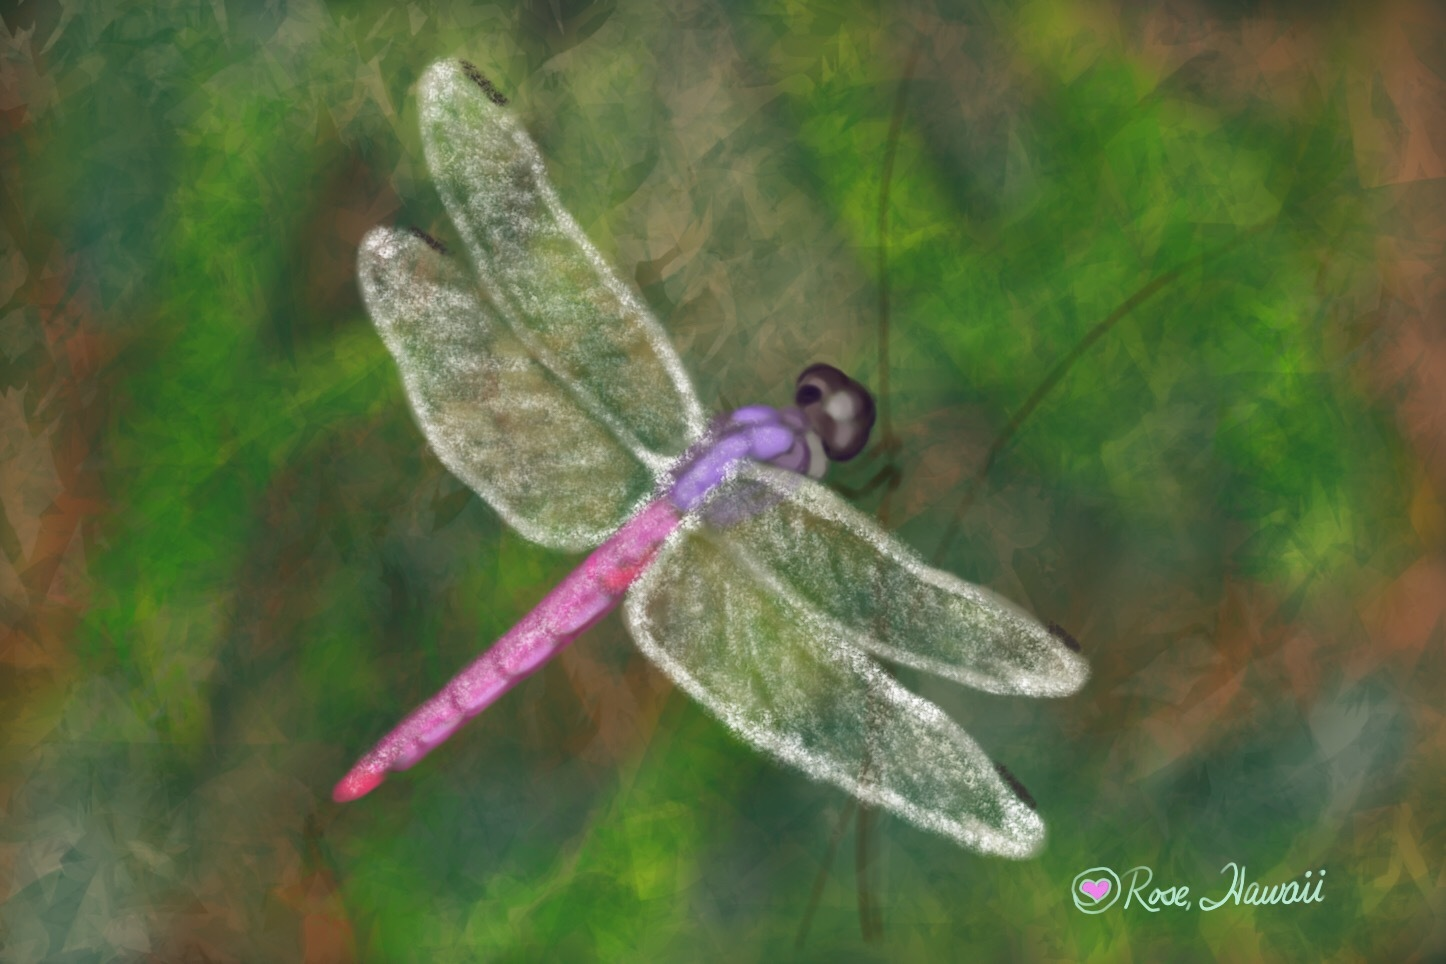 Pink Hawaiian Drafonfly